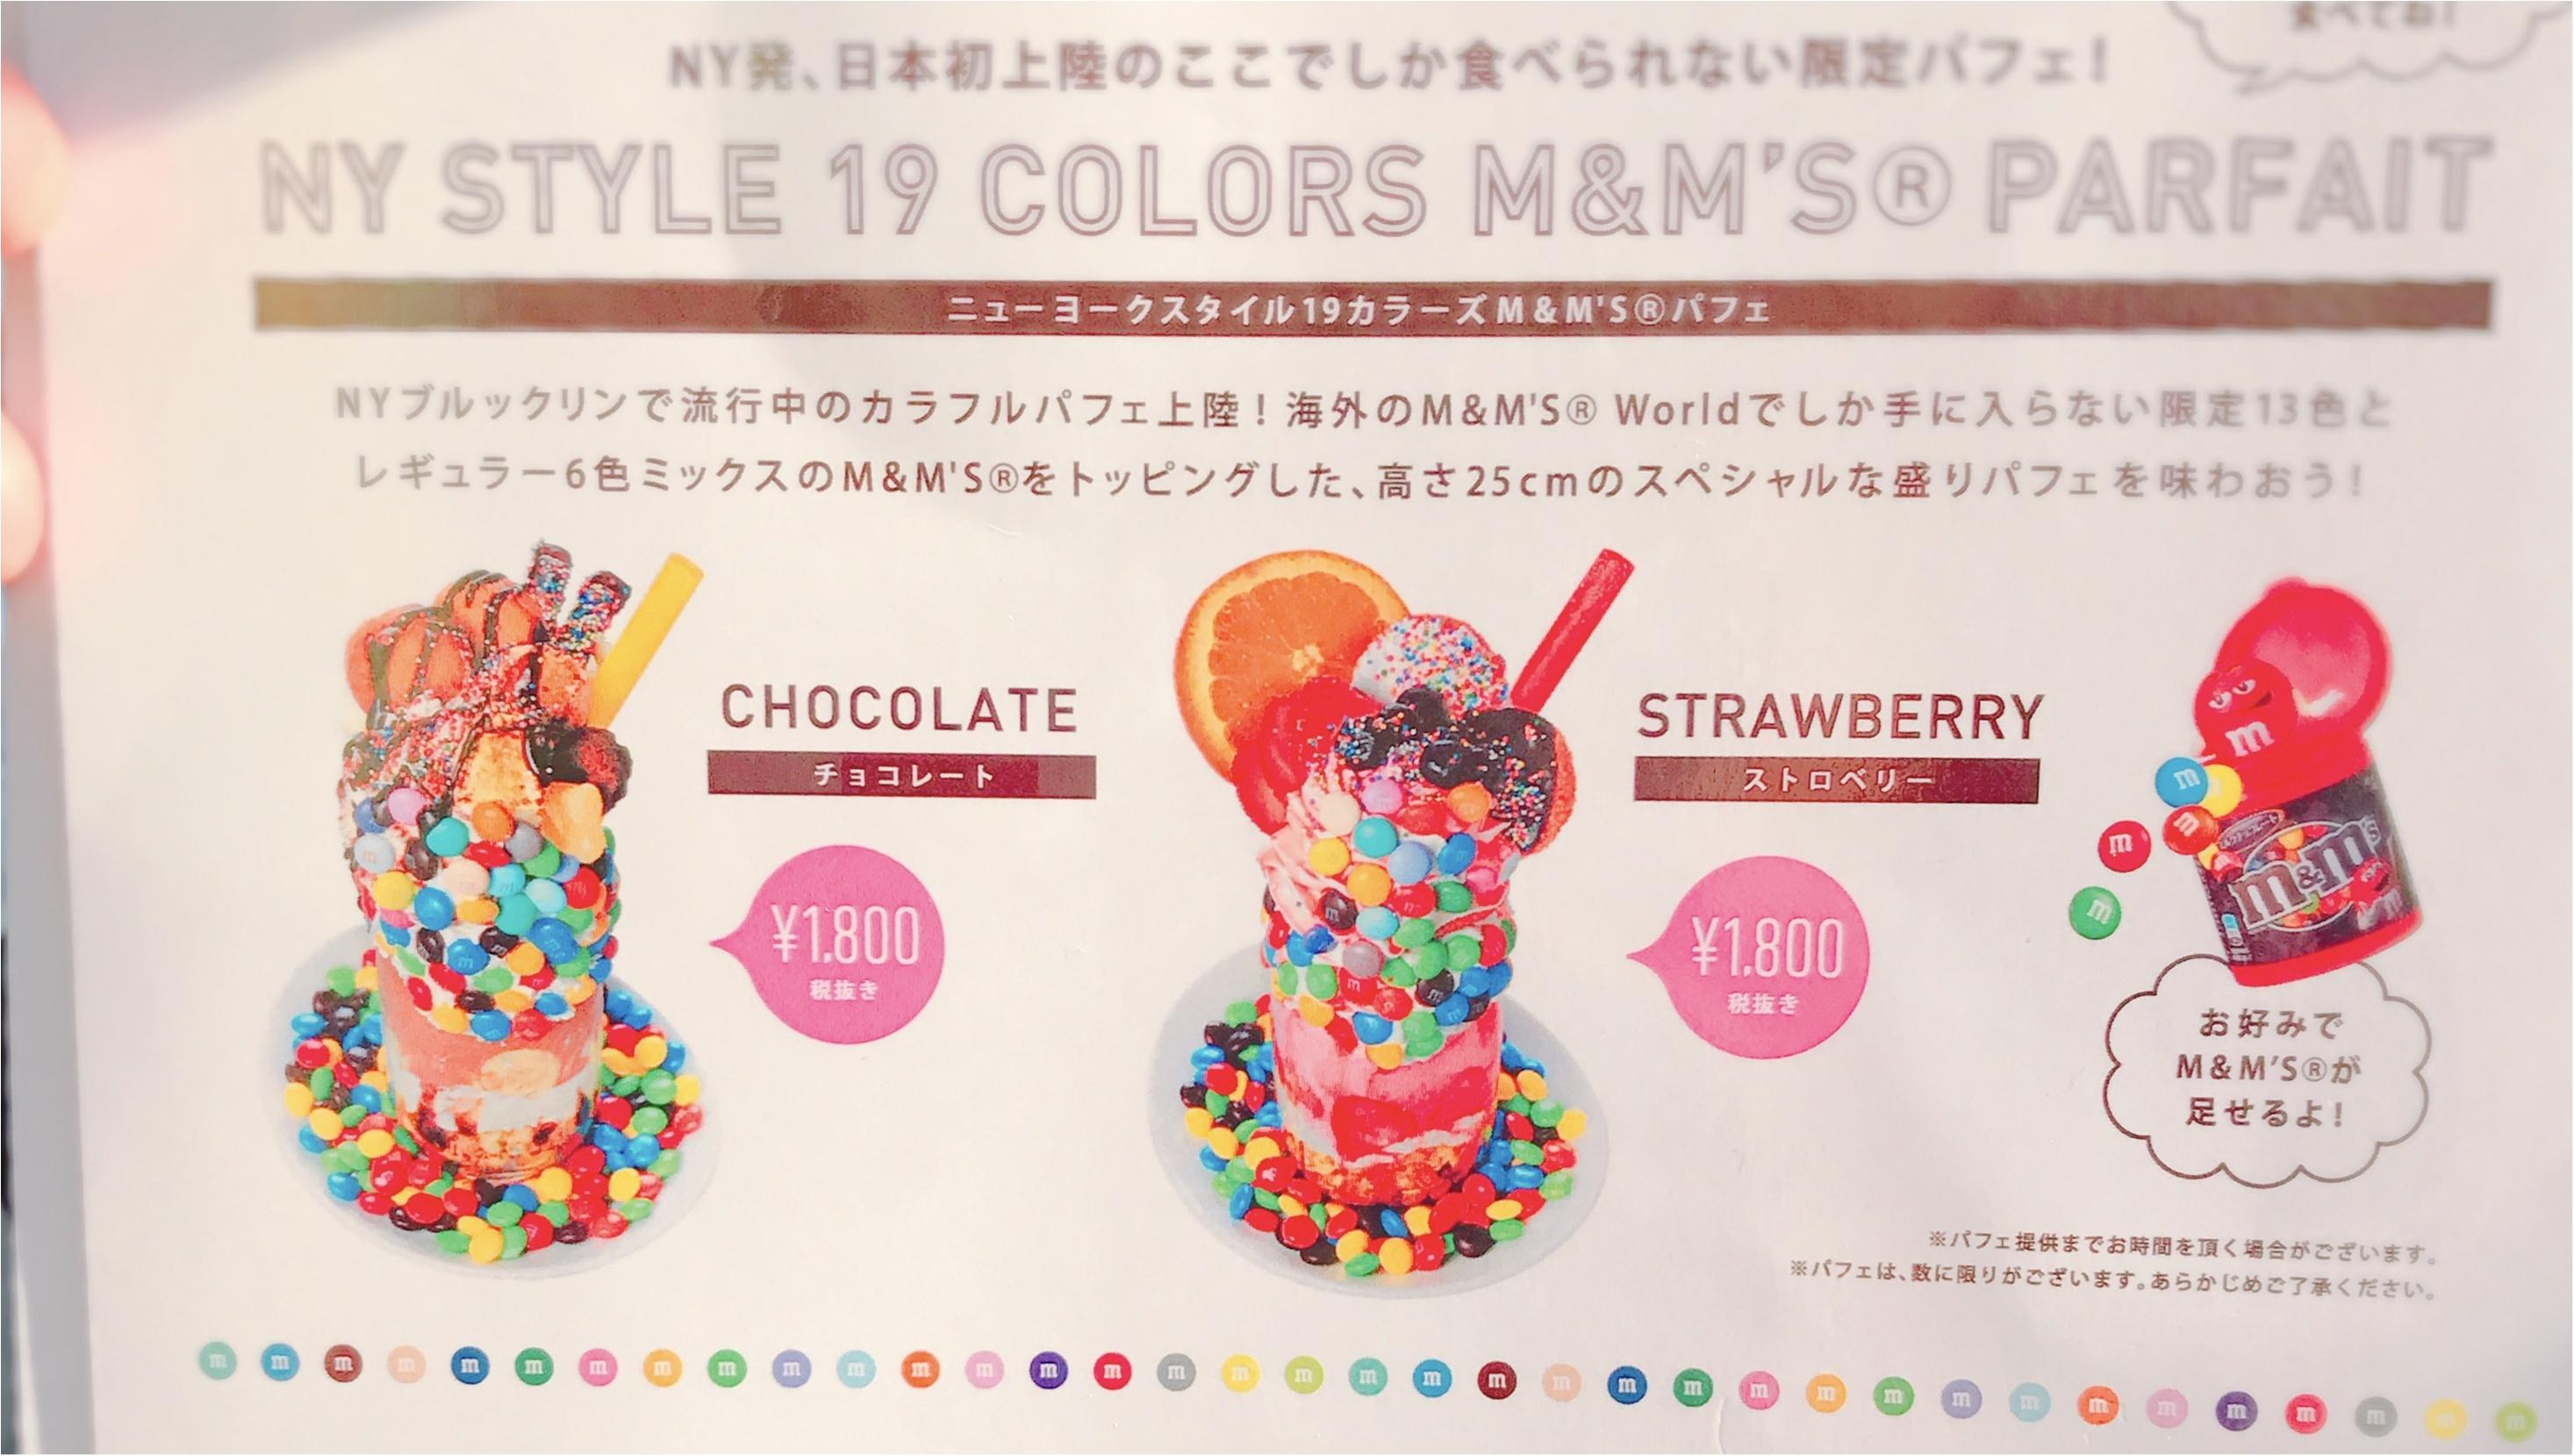 《期間限定》原宿にNY発カラフルパフェ登場✨日本初上陸のM&M'Sマイボトルチョコを作っちゃおう♪_2